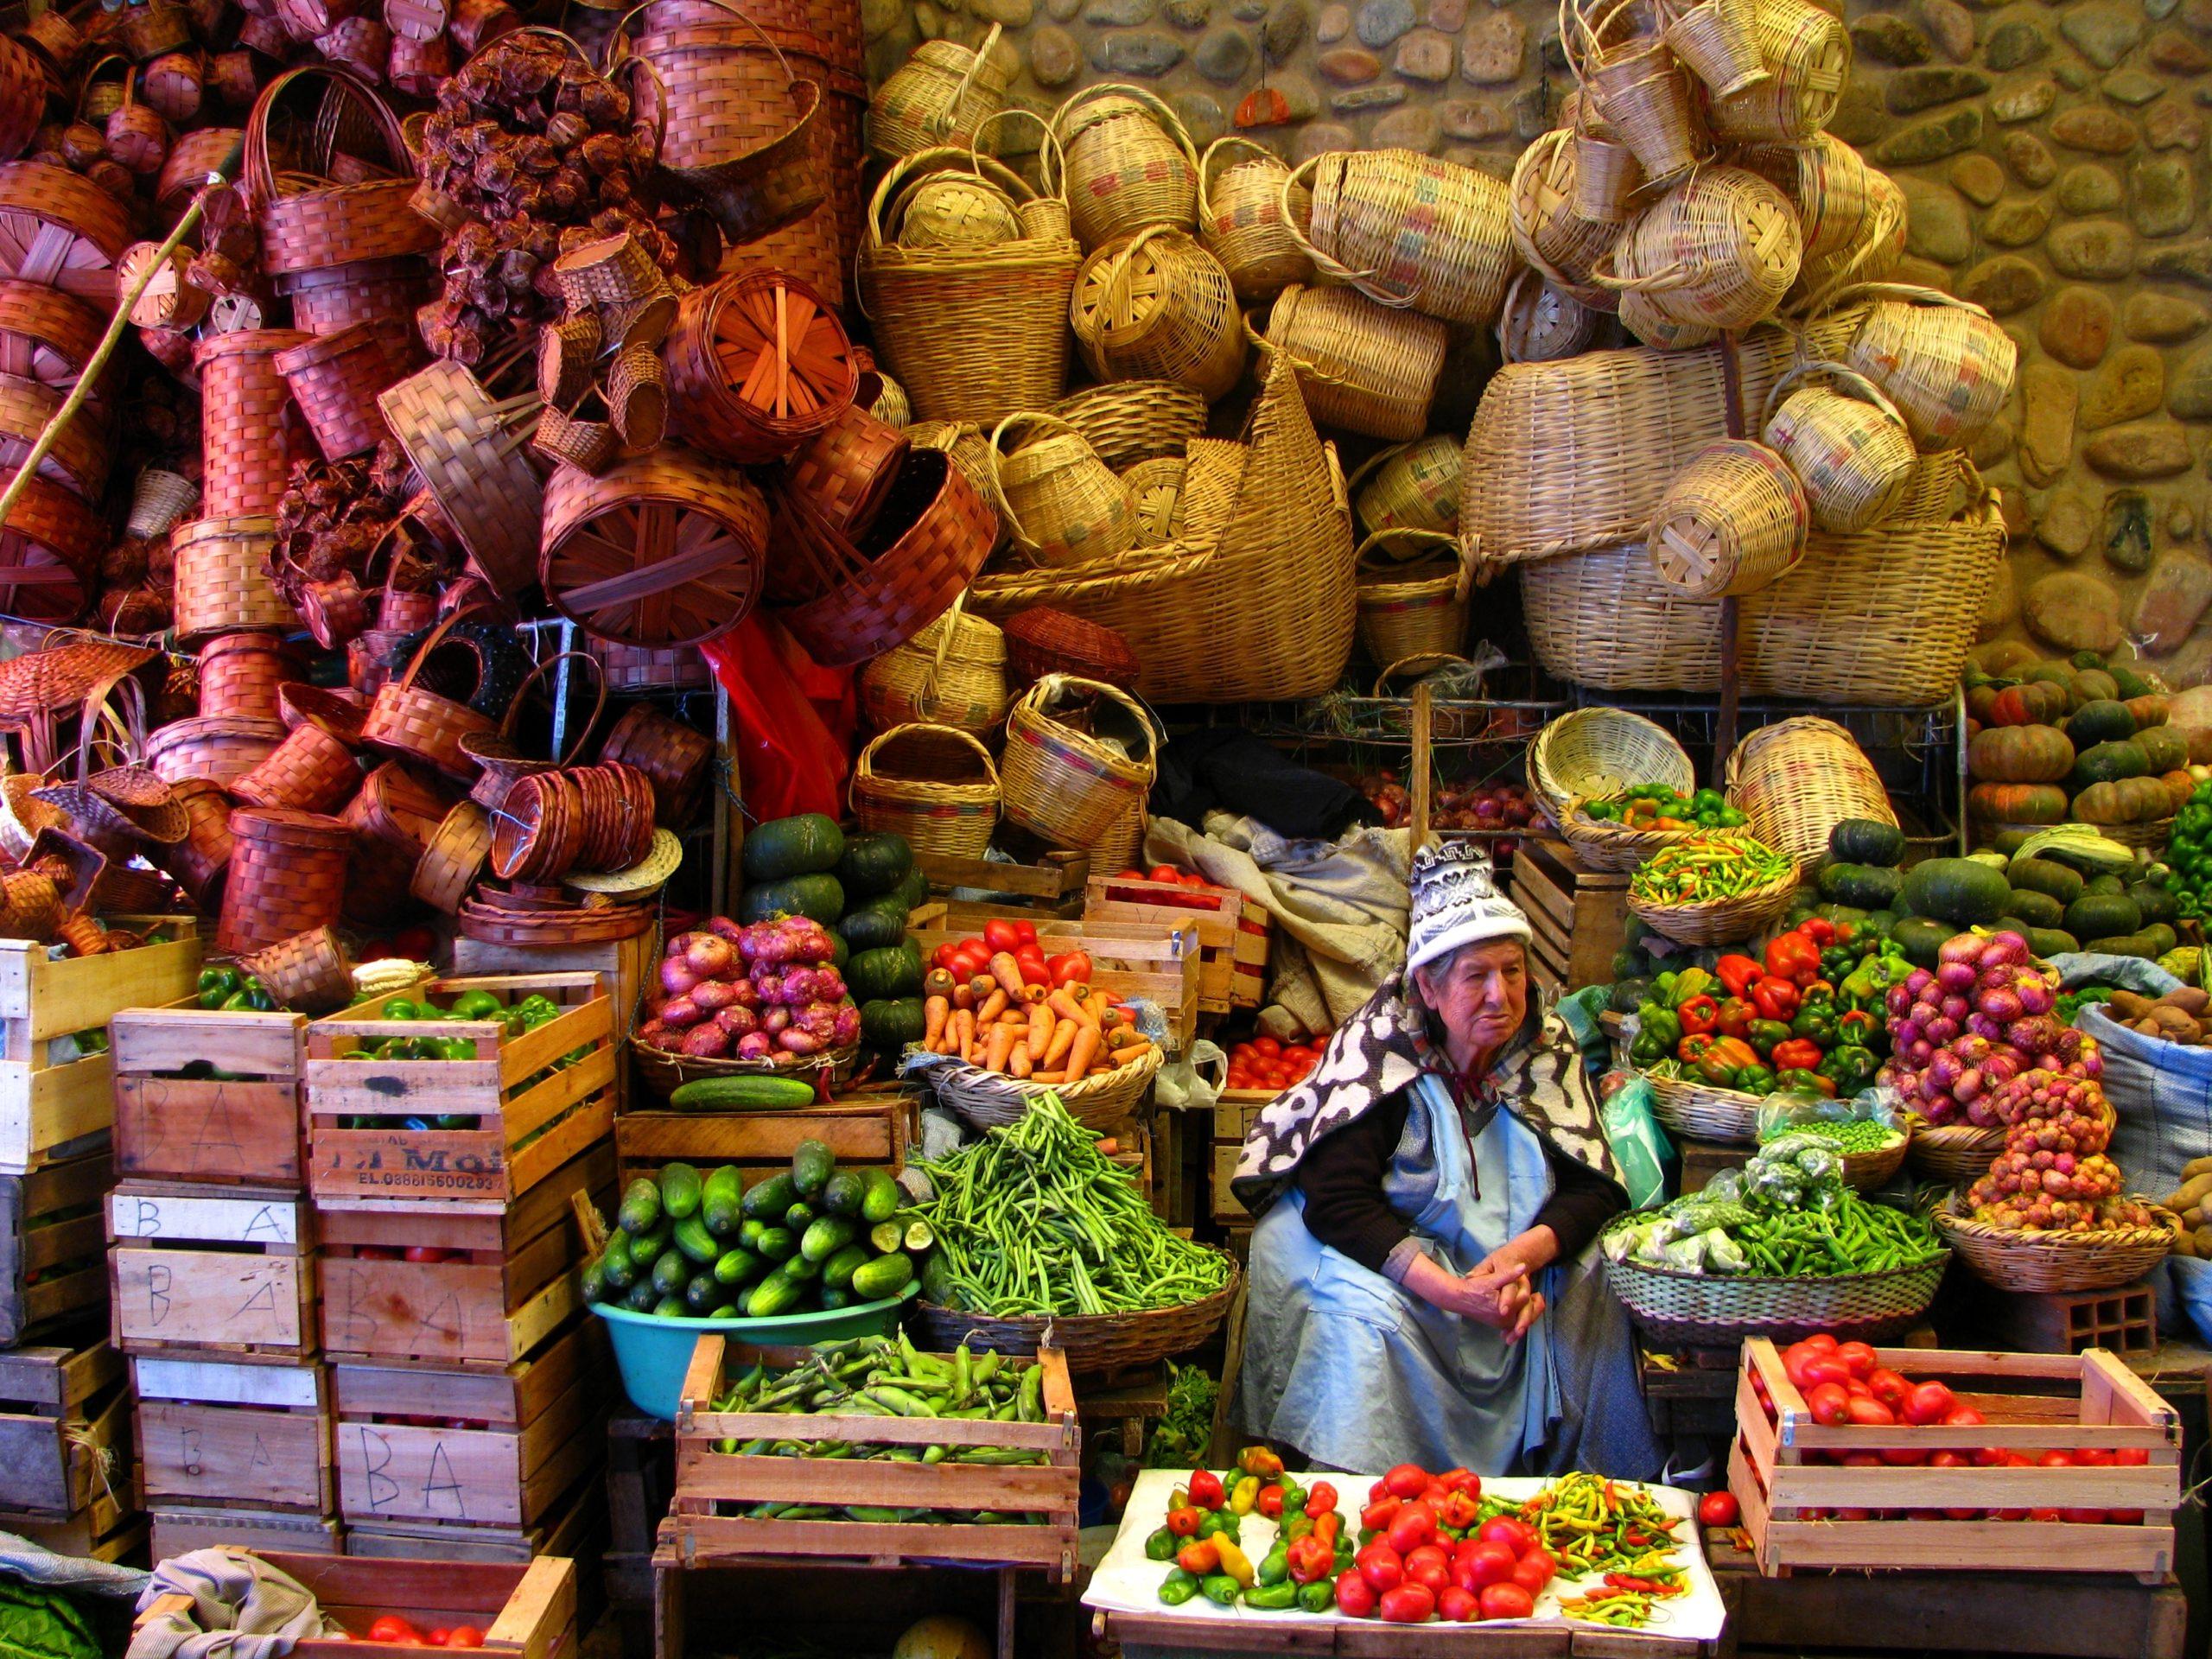 Les marchés colorés de La Paz